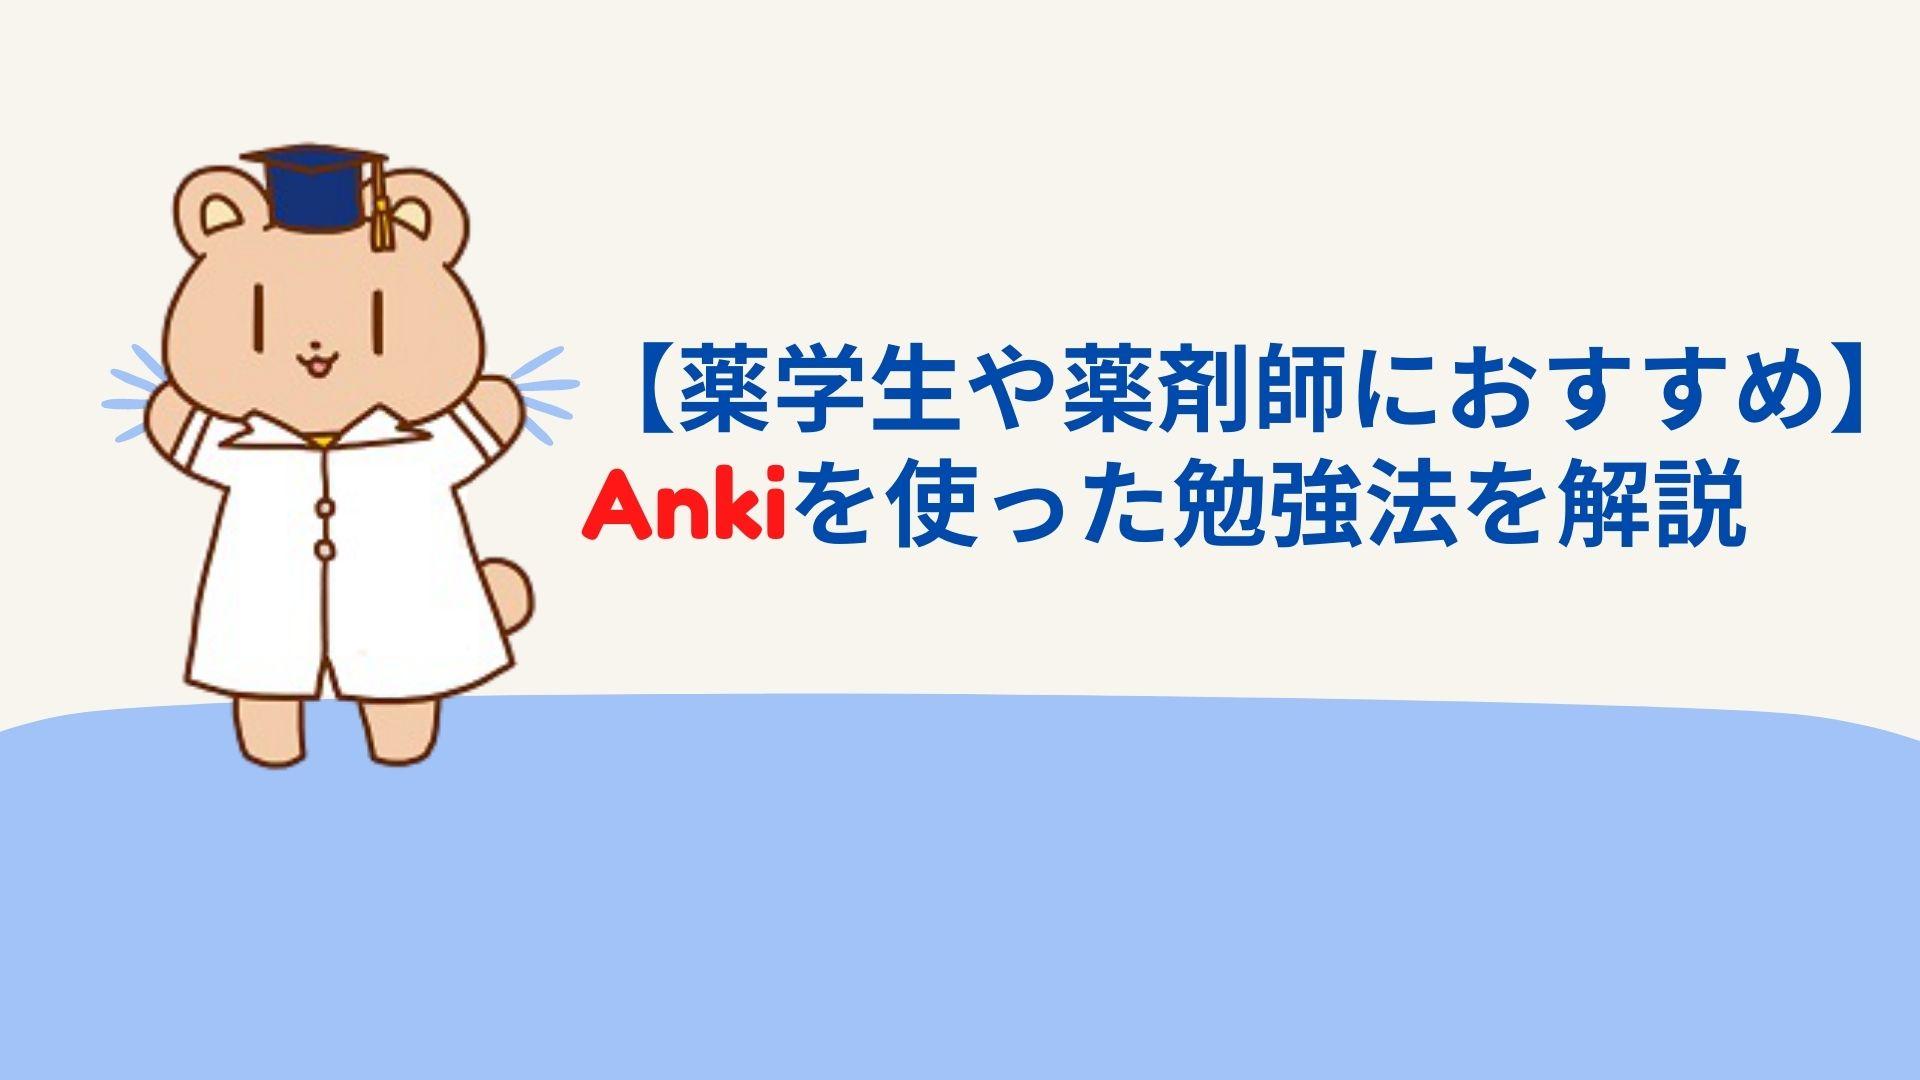 【薬学生や薬剤師におすすめ】Ankiを使った勉強法を解説